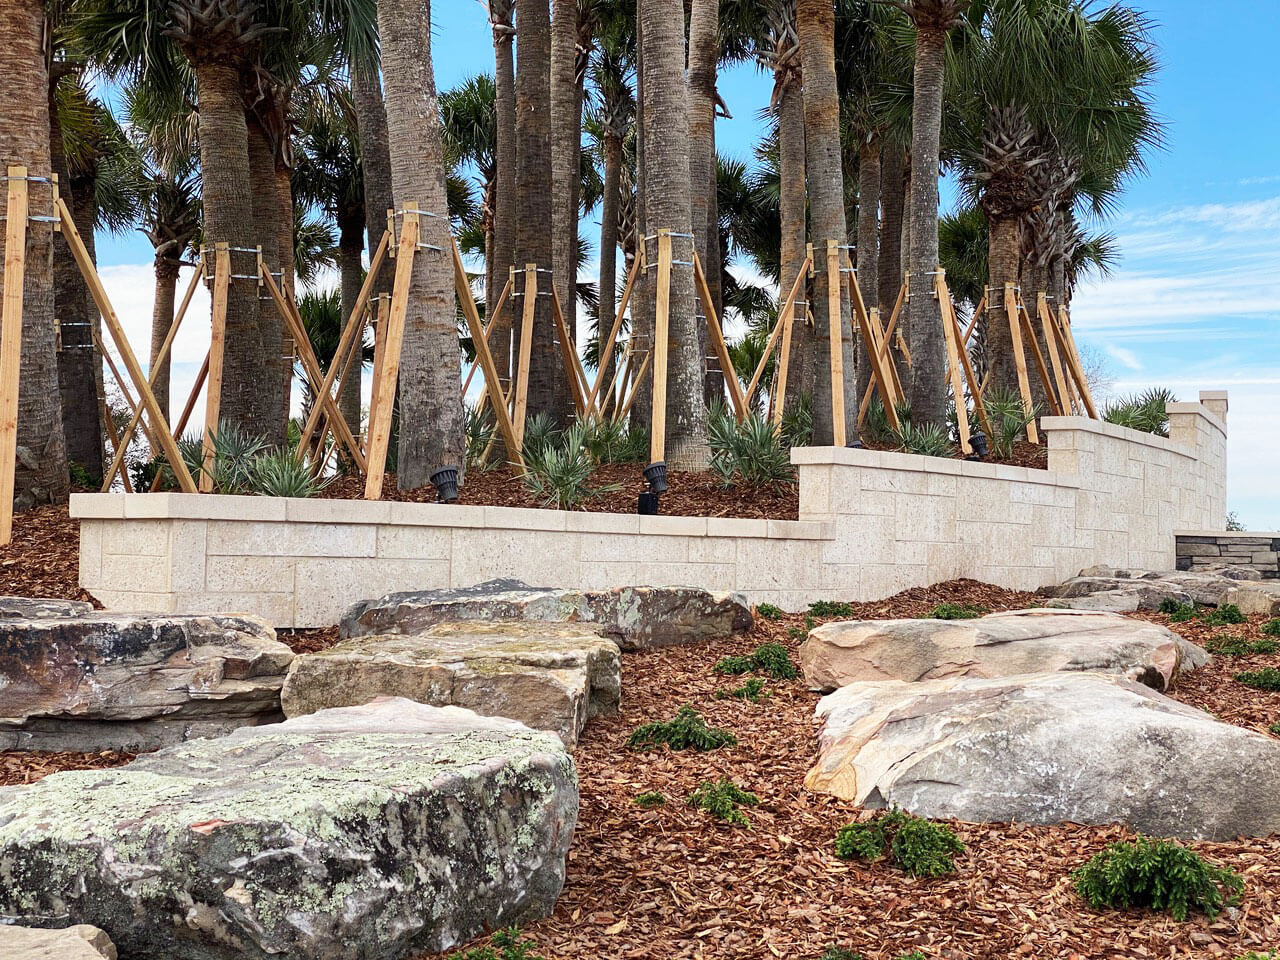 Del Webb Florida Community